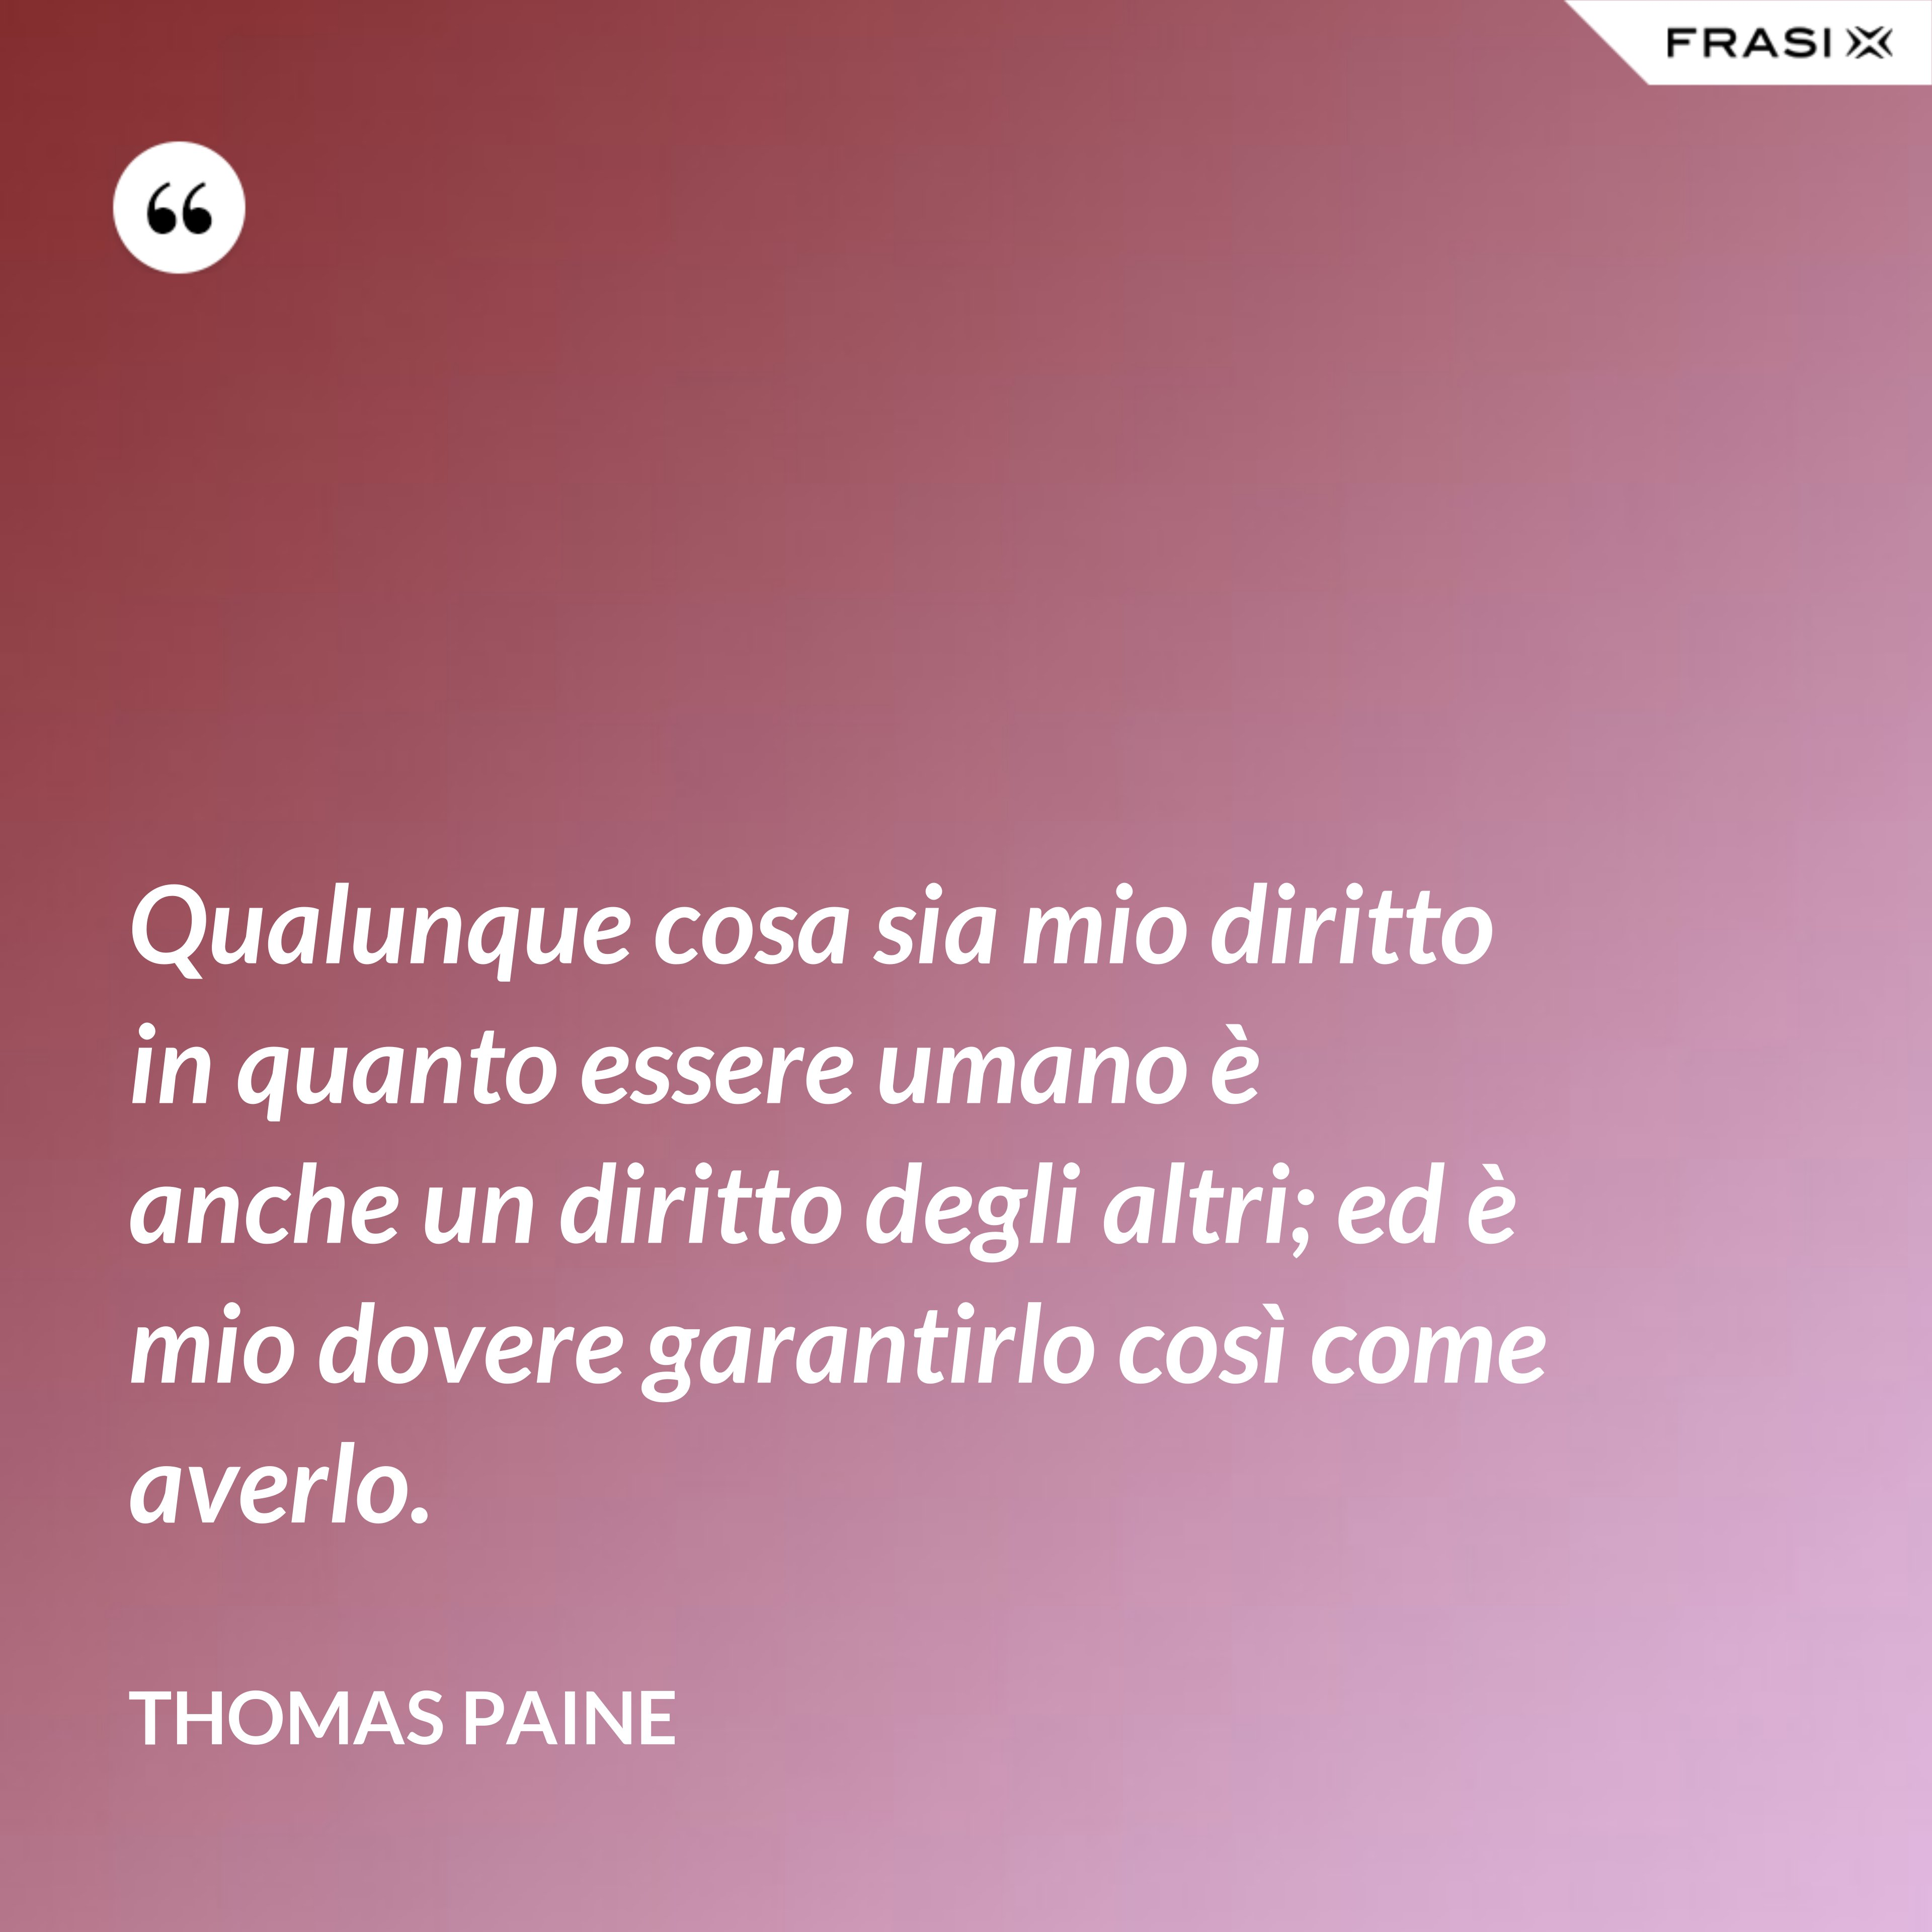 Qualunque cosa sia mio diritto in quanto essere umano è anche un diritto degli altri; ed è mio dovere garantirlo così come averlo. - Thomas Paine